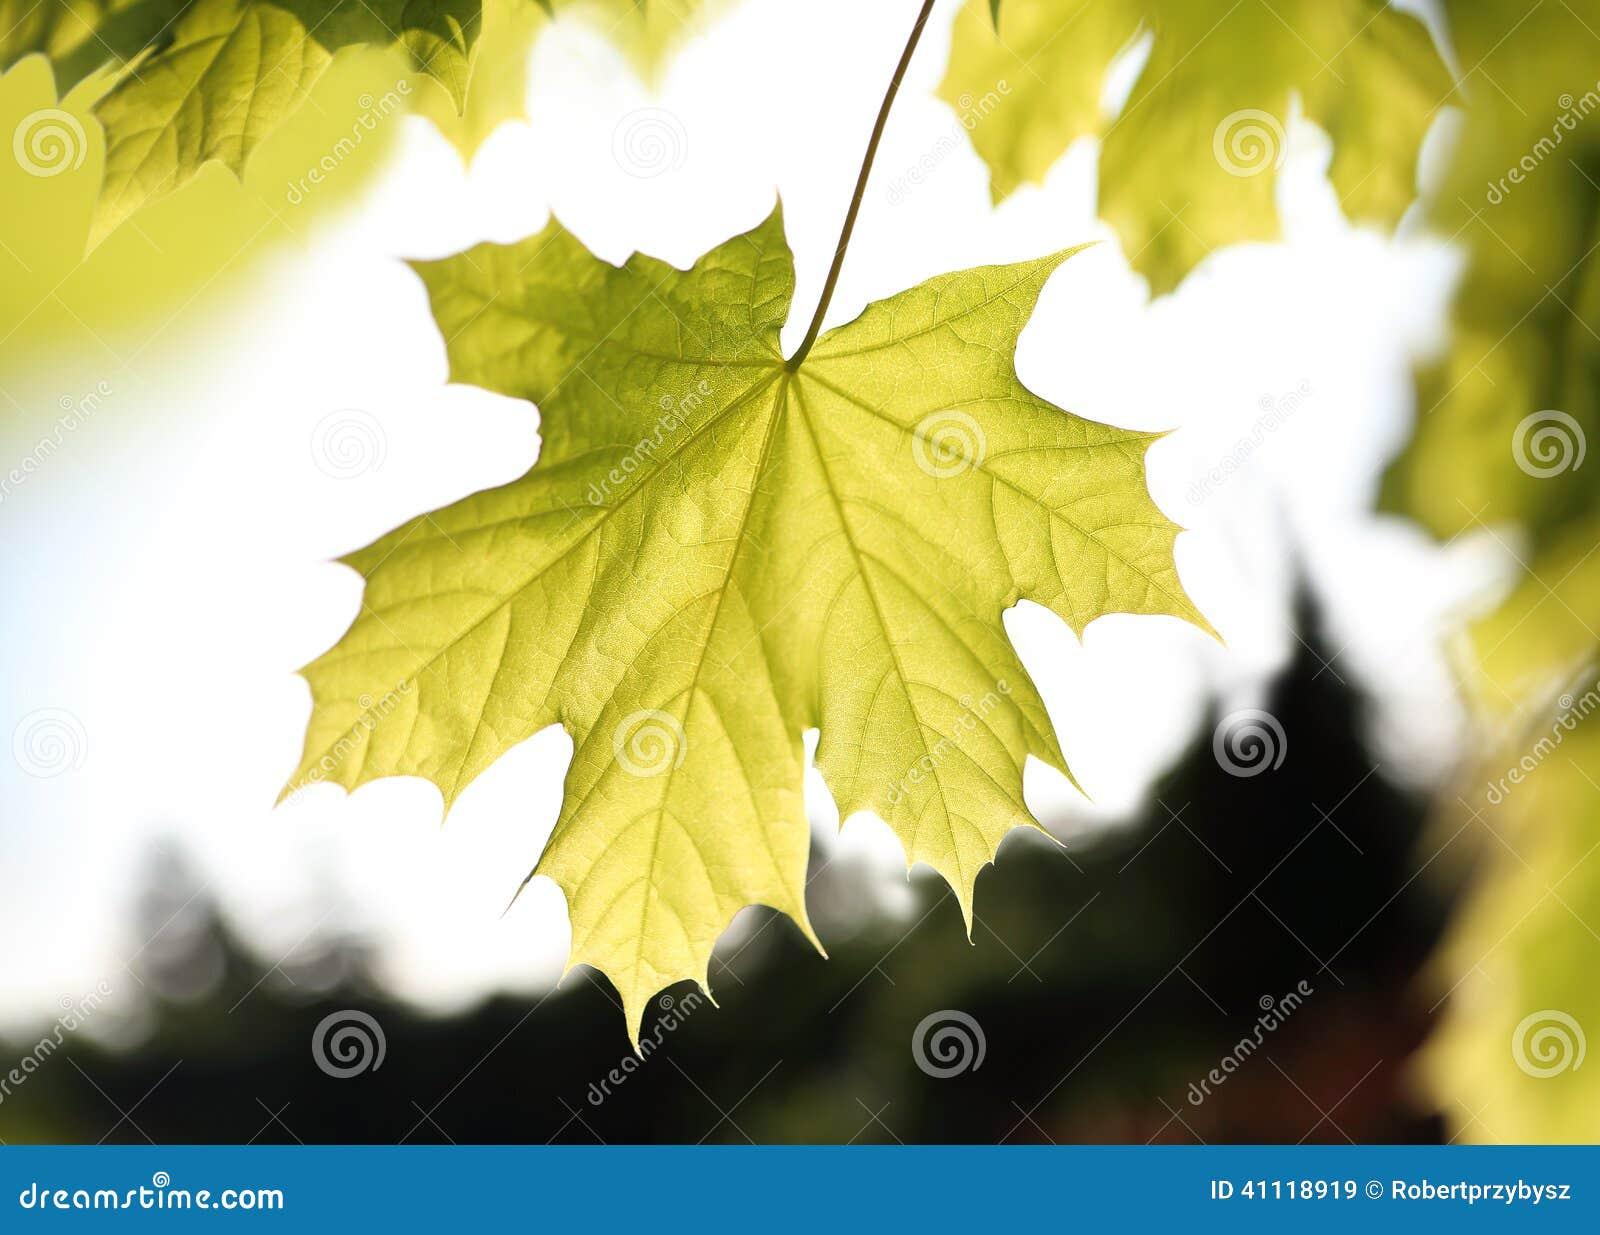 Esdoorn, groen blad